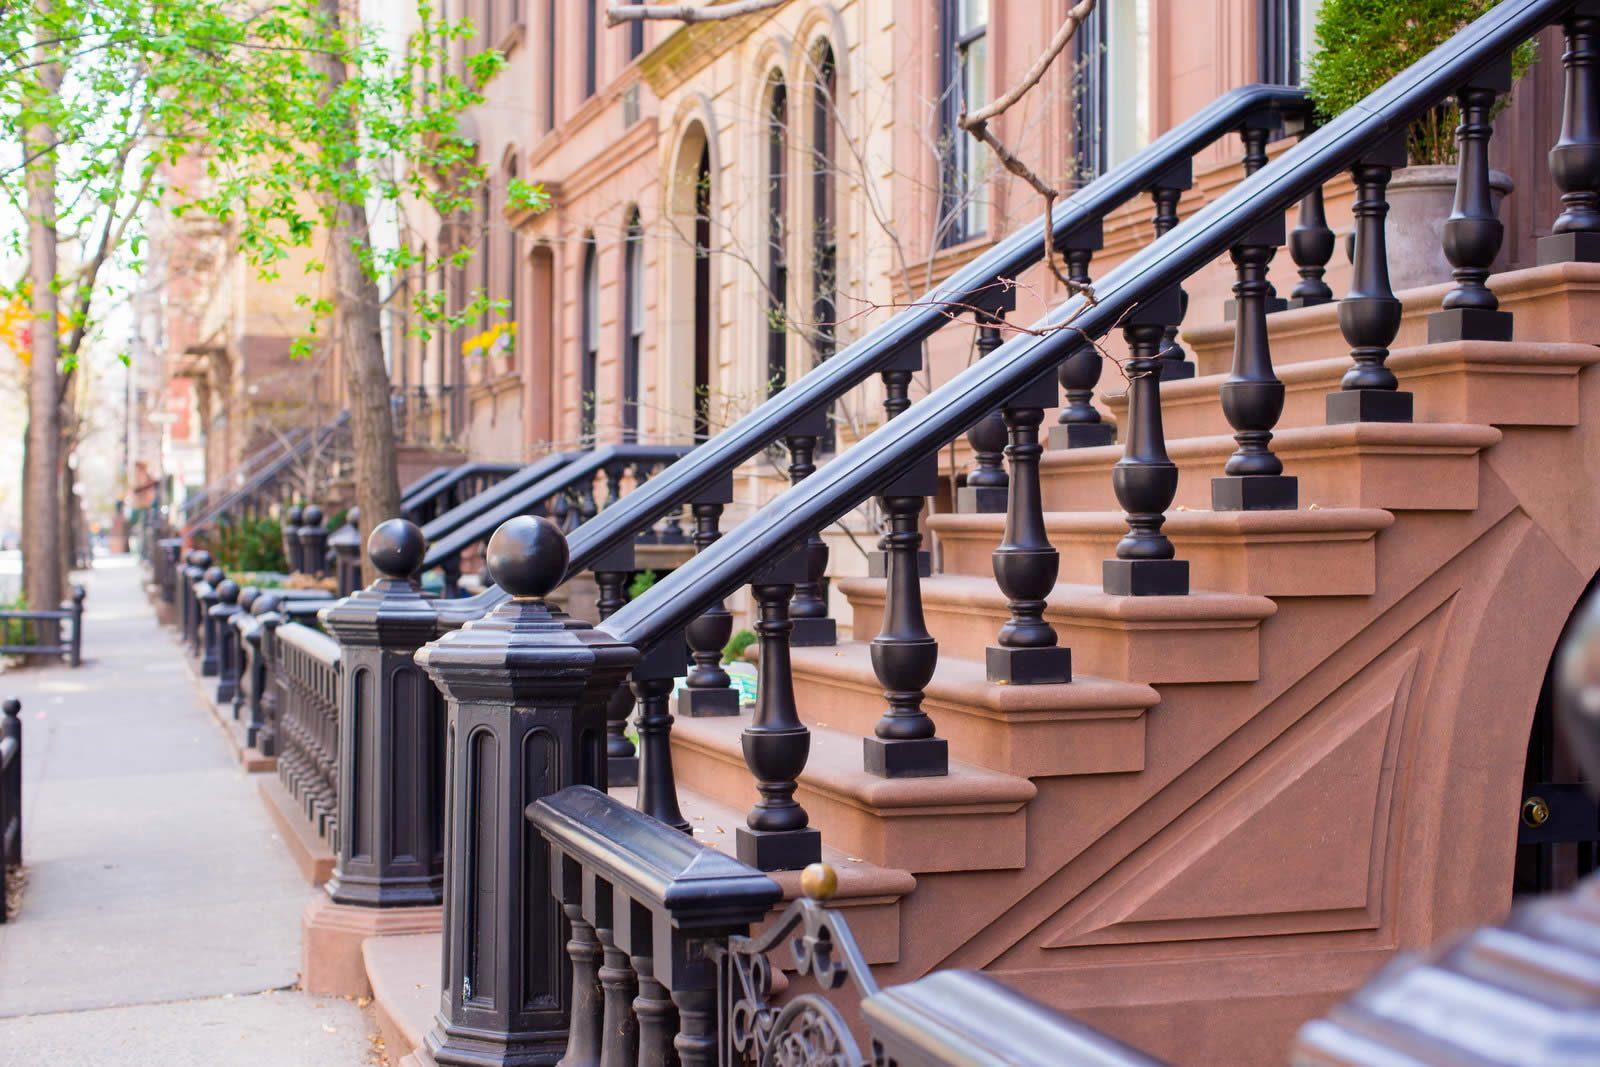 vendre un bien immobilier new york mise en vente sur le march promotion du bien. Black Bedroom Furniture Sets. Home Design Ideas